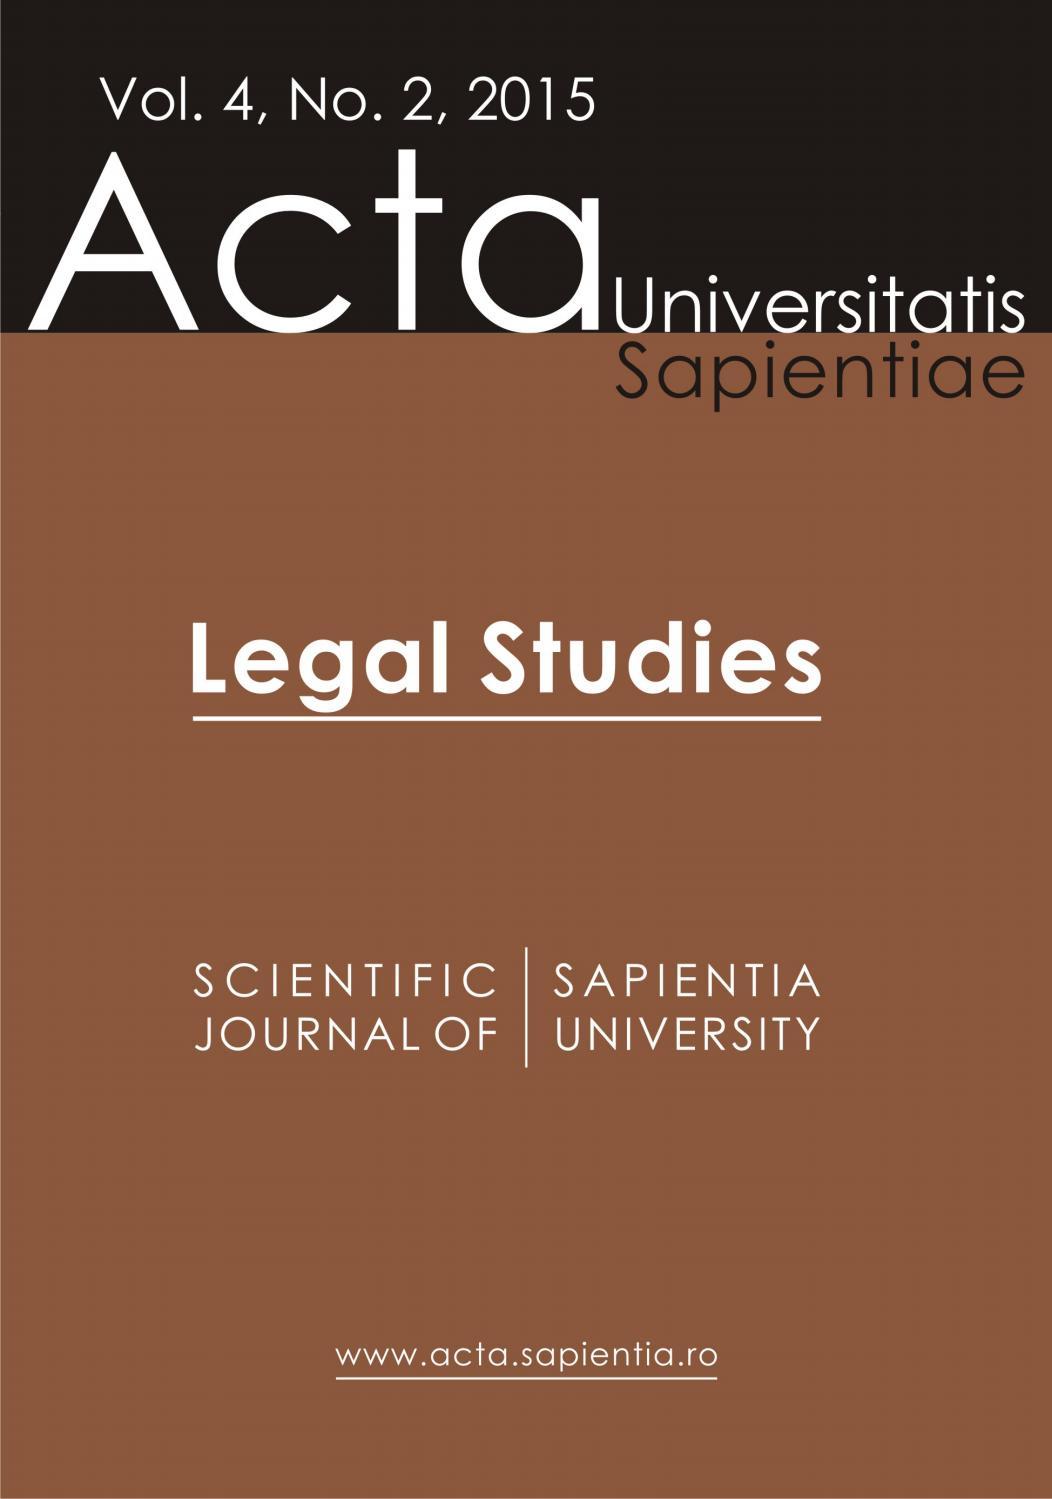 Parhuzamos parkolas egyszeruen 327 - Legal Studies Vol 4 No 2 2015 By Acta Universitatis Sapientiae Issuu